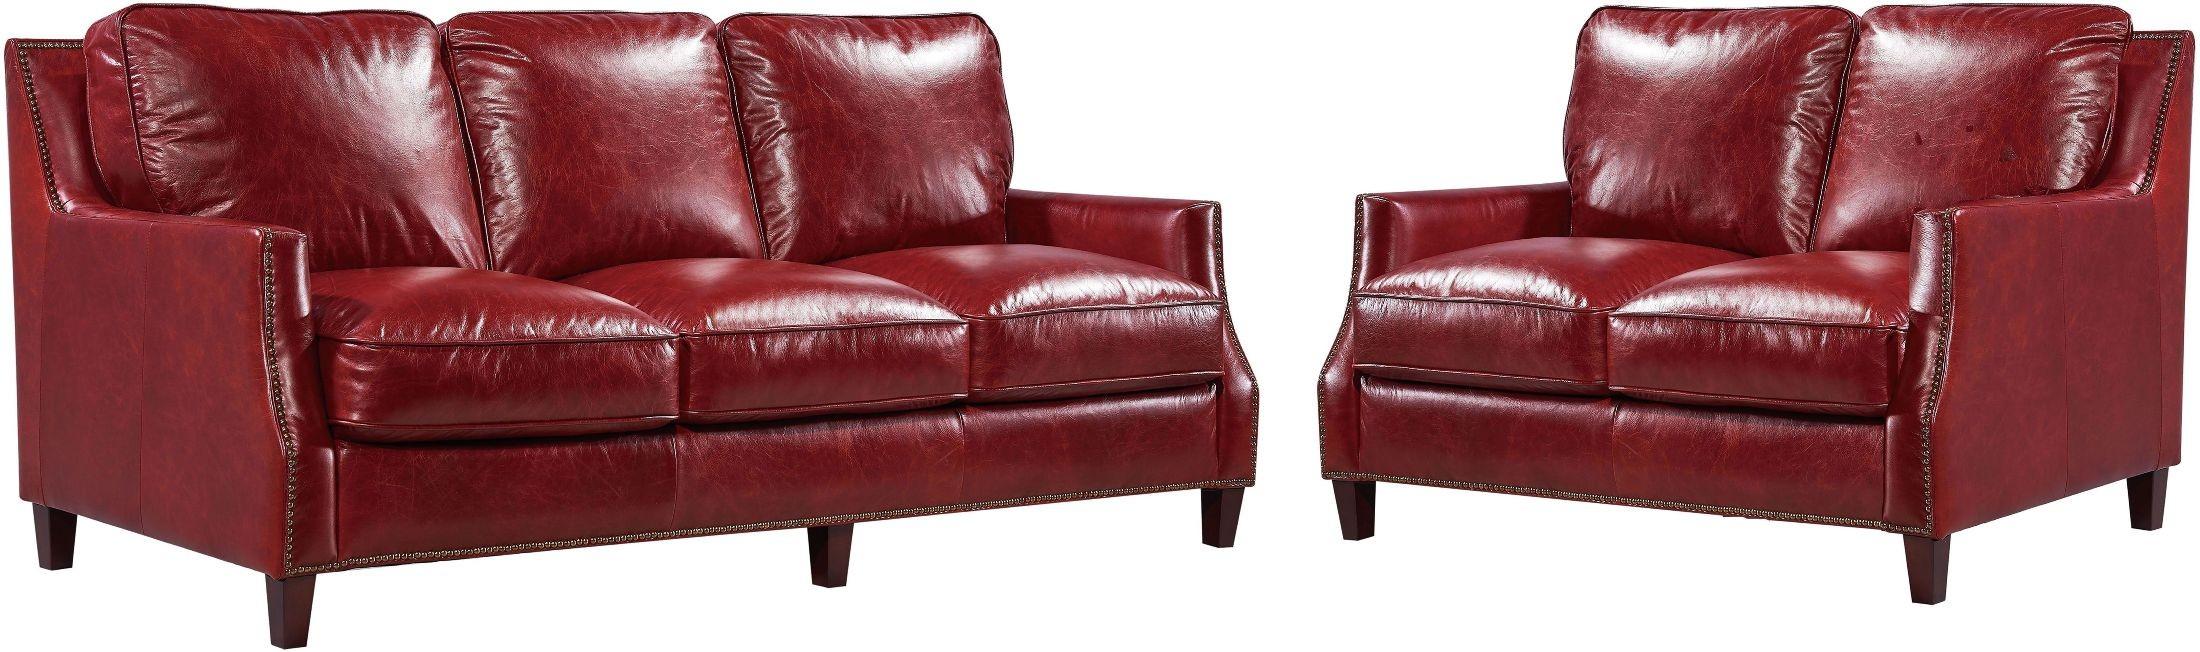 Oakridge Bedroom Furniture Georgetowne Oakridge Red Leather Living Room Set 1669 6103 035510